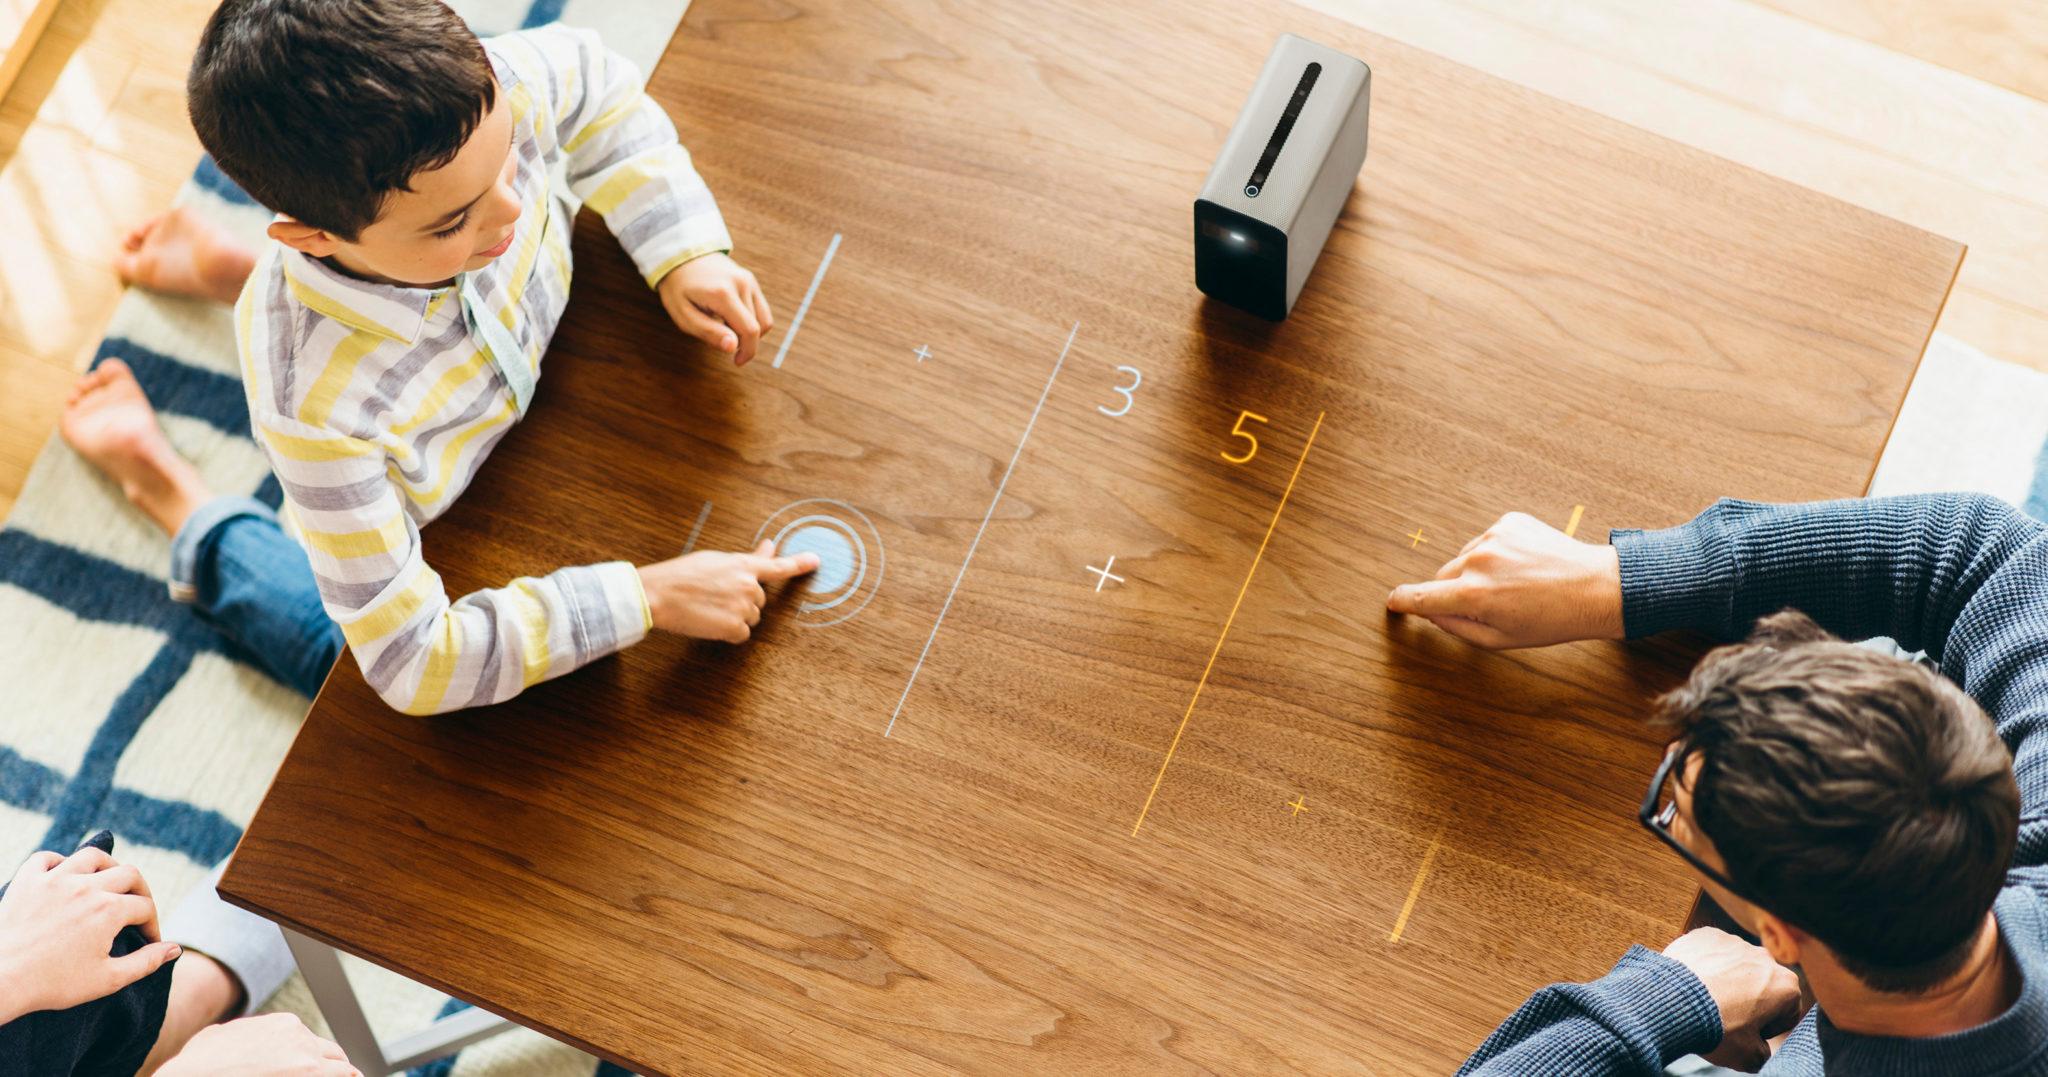 Mit dem Sony Xperia Touch kann ein Tisch auch zum Brettspiel 2.0 werden (Bild: Sony)